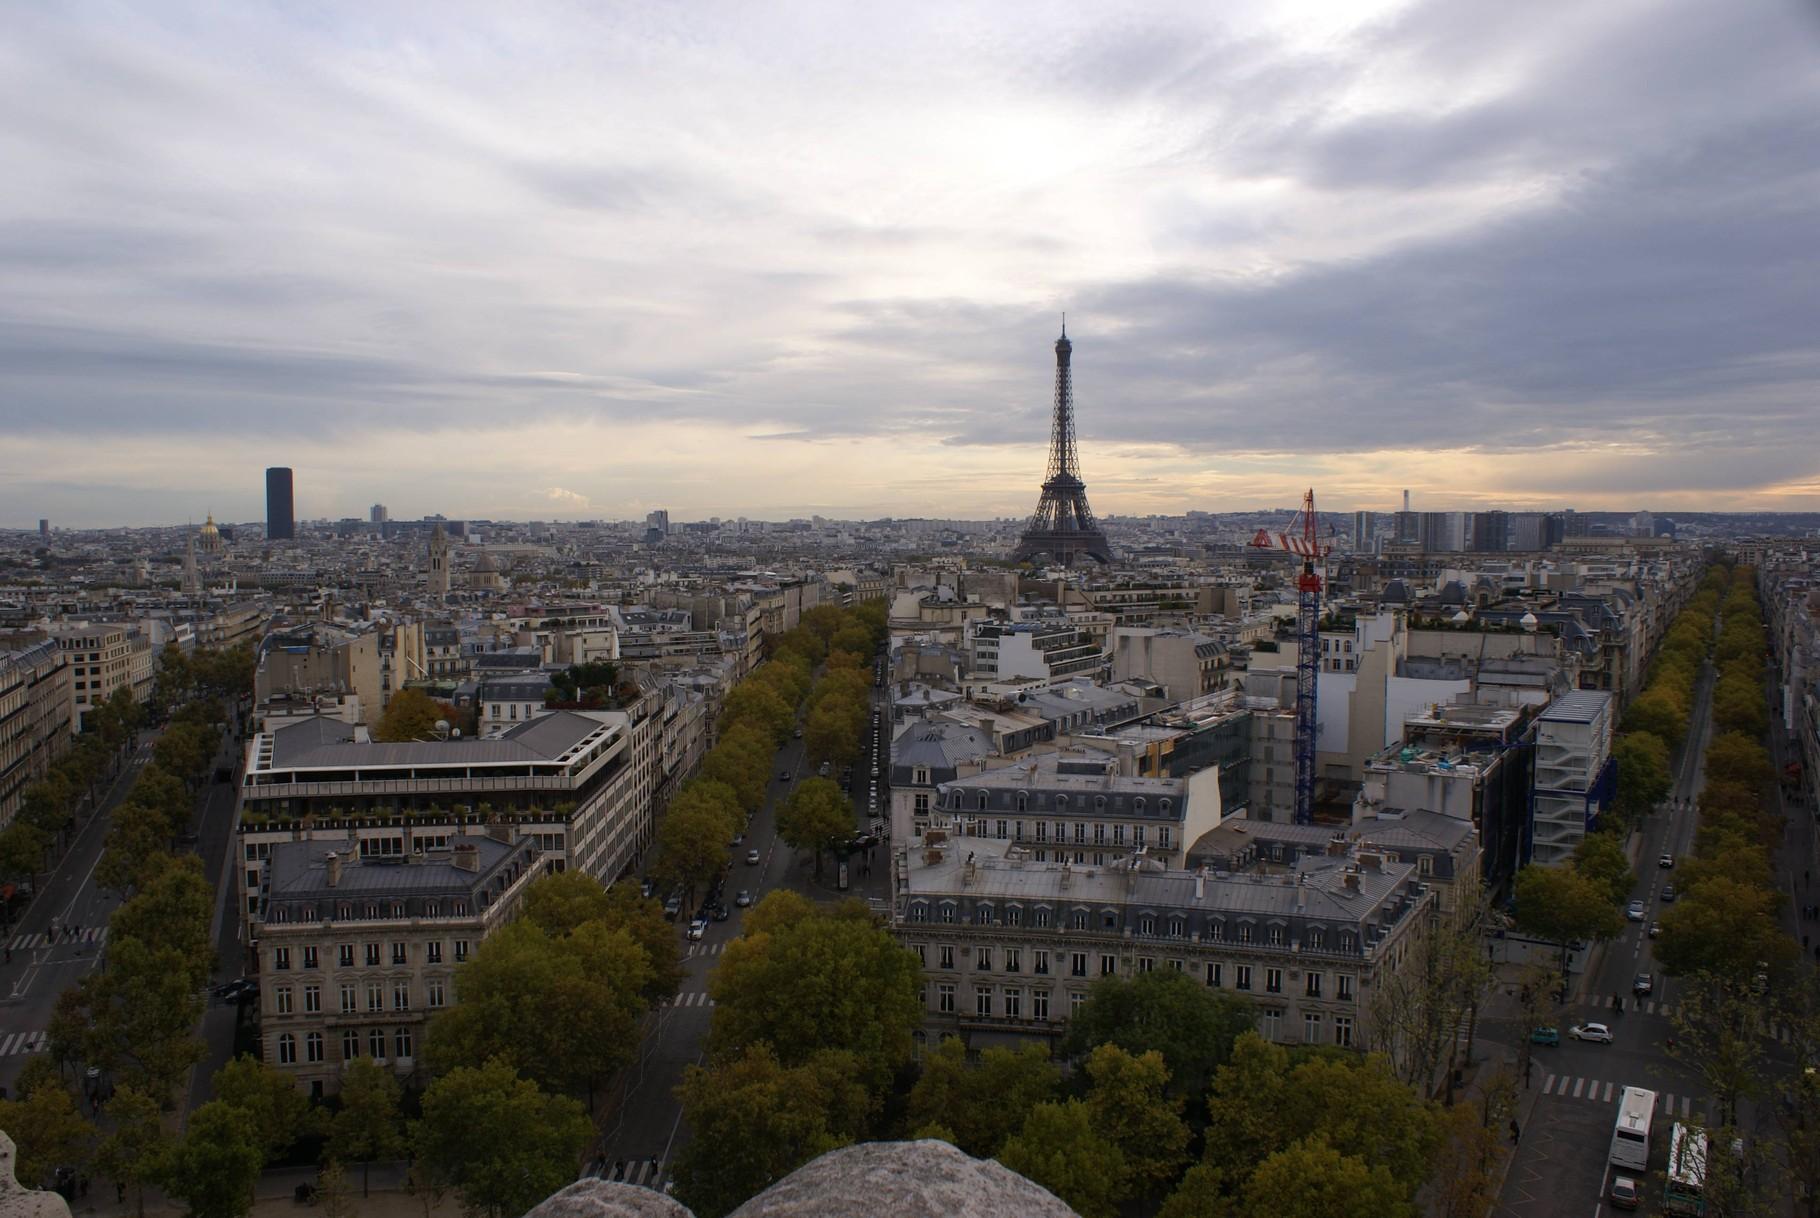 Paris - Blick vom Arc de Triomphe auf den Eifelturm